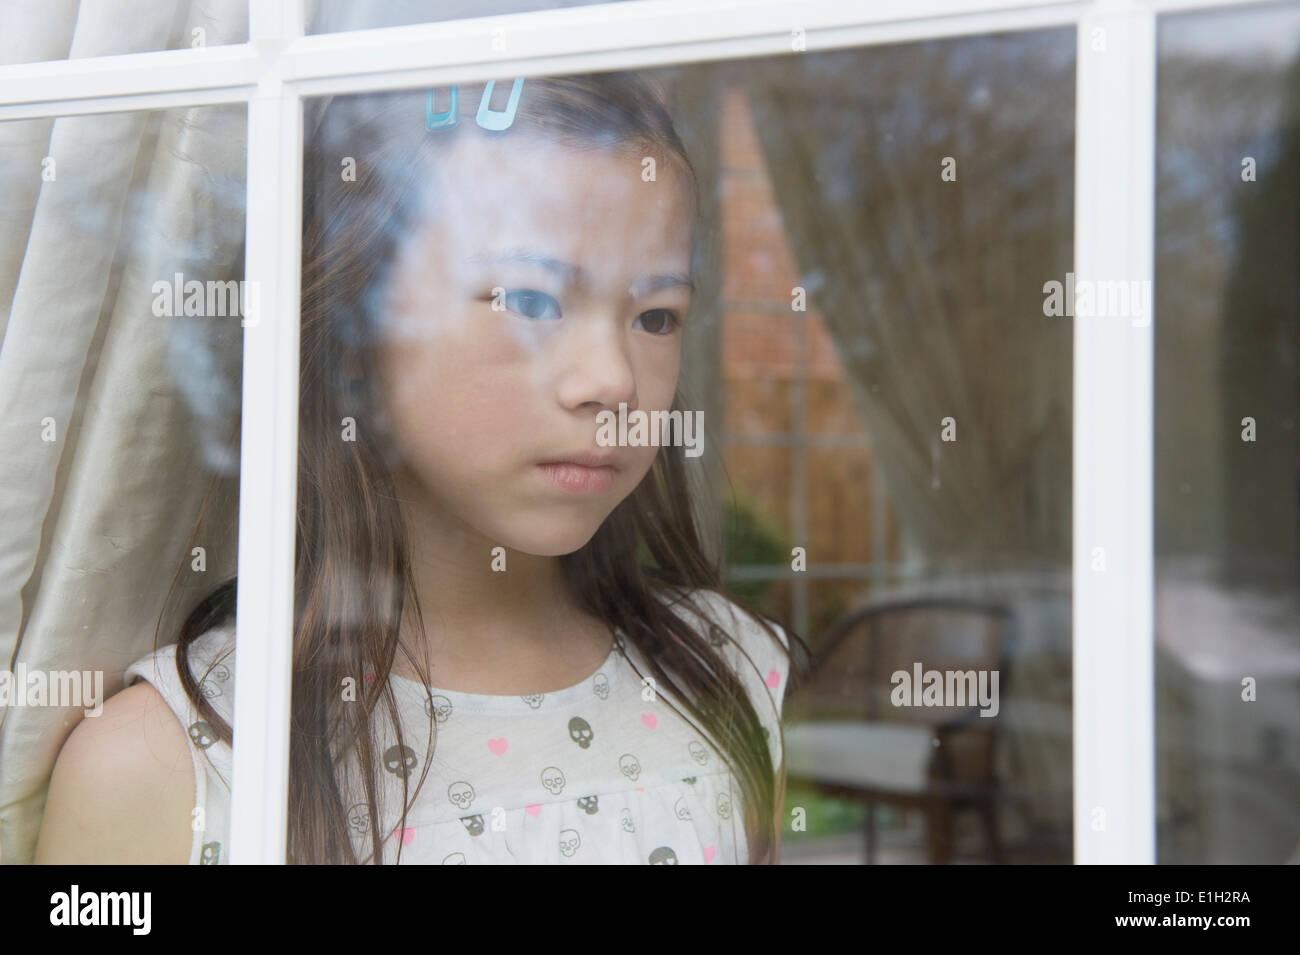 Infeliz muchacha sentada mirando desde la ventana de la habitación Imagen De Stock